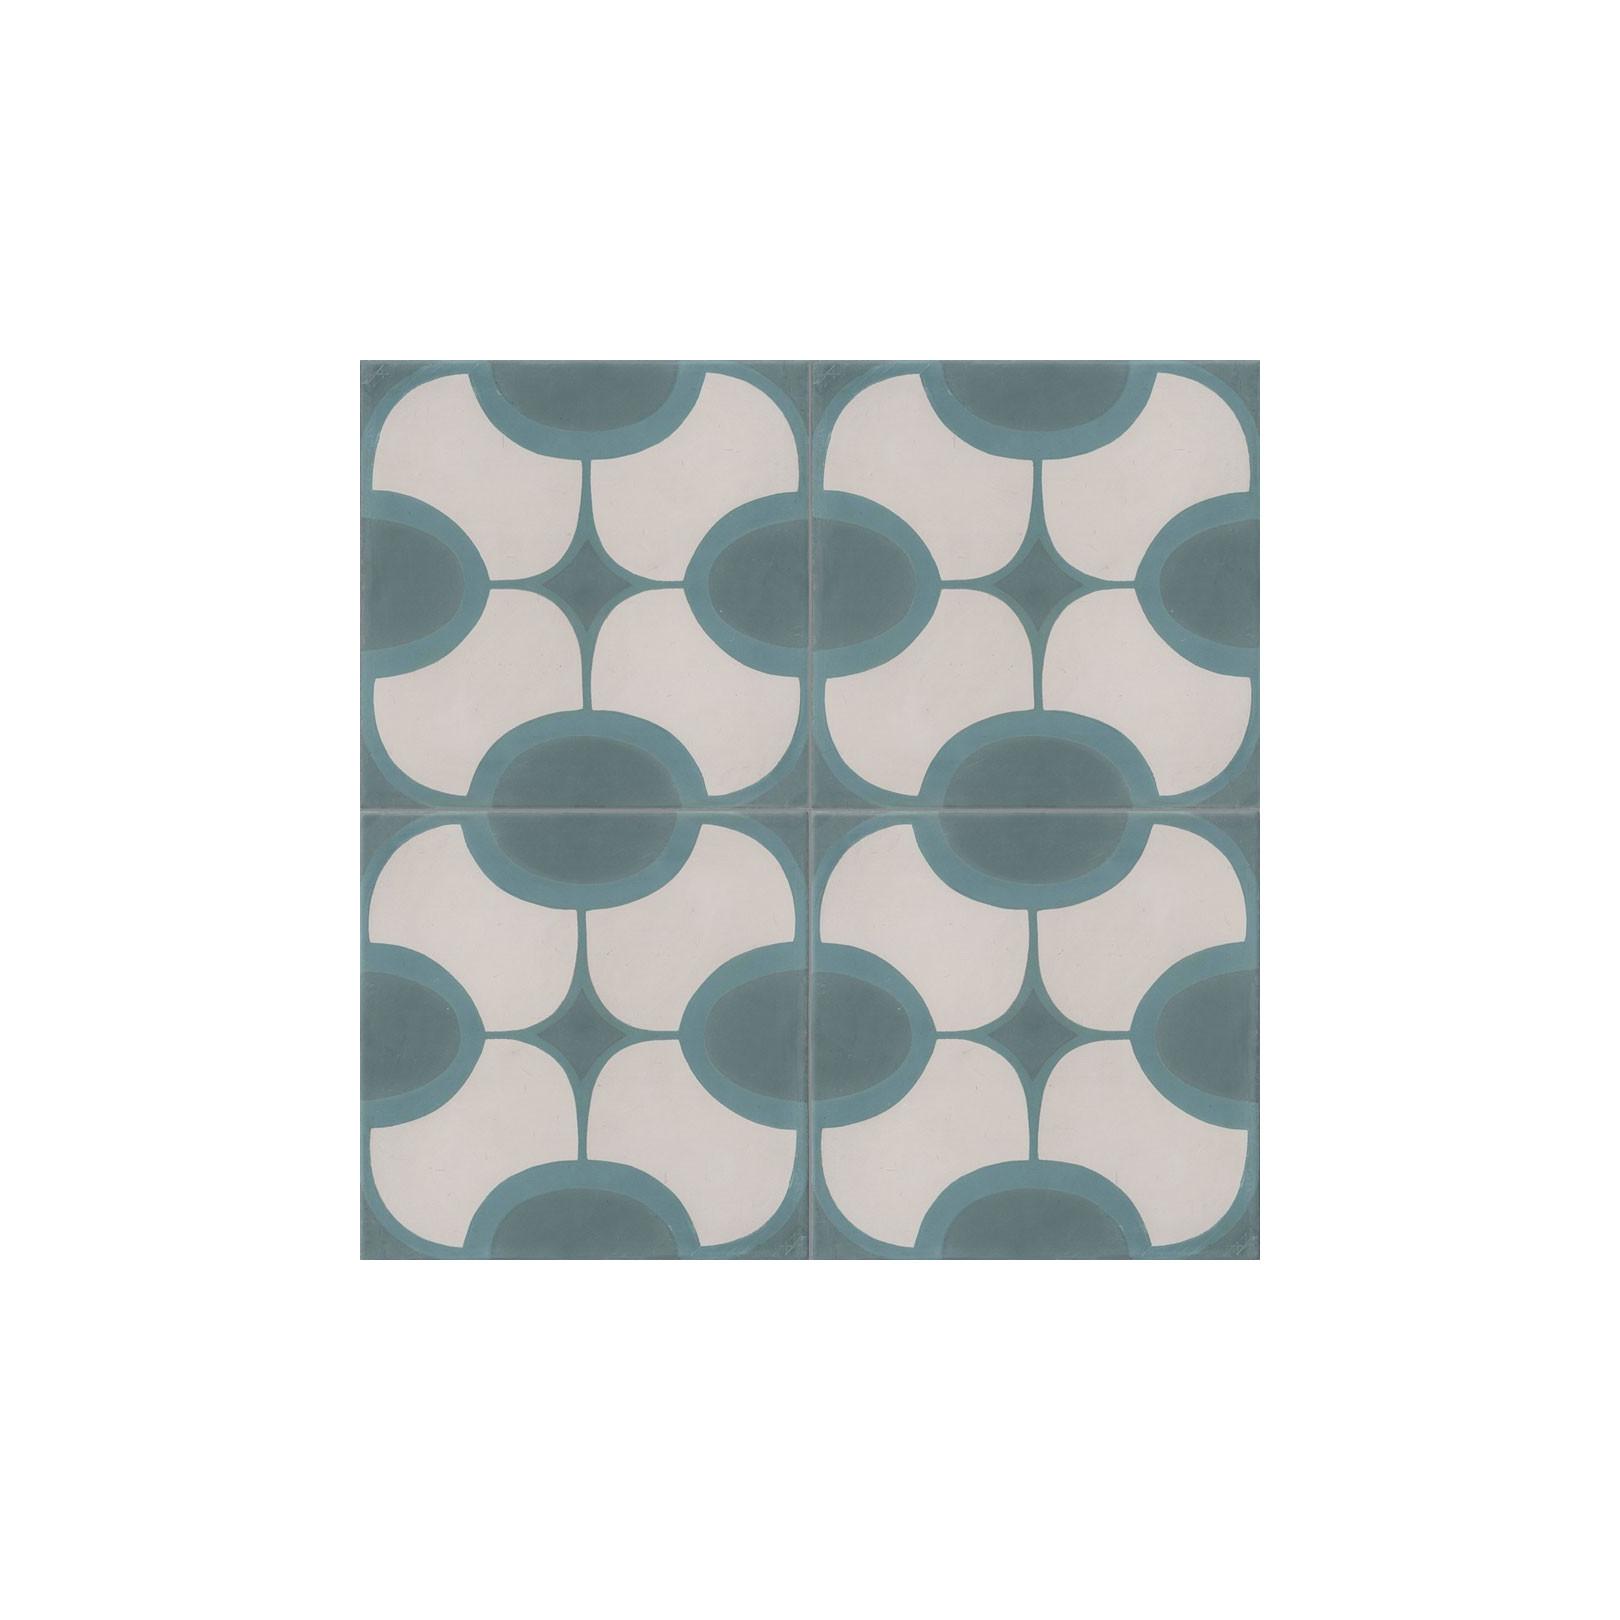 carreau de ciment colore motif 4 carreaux vert bleu et blanc john 07 40 39